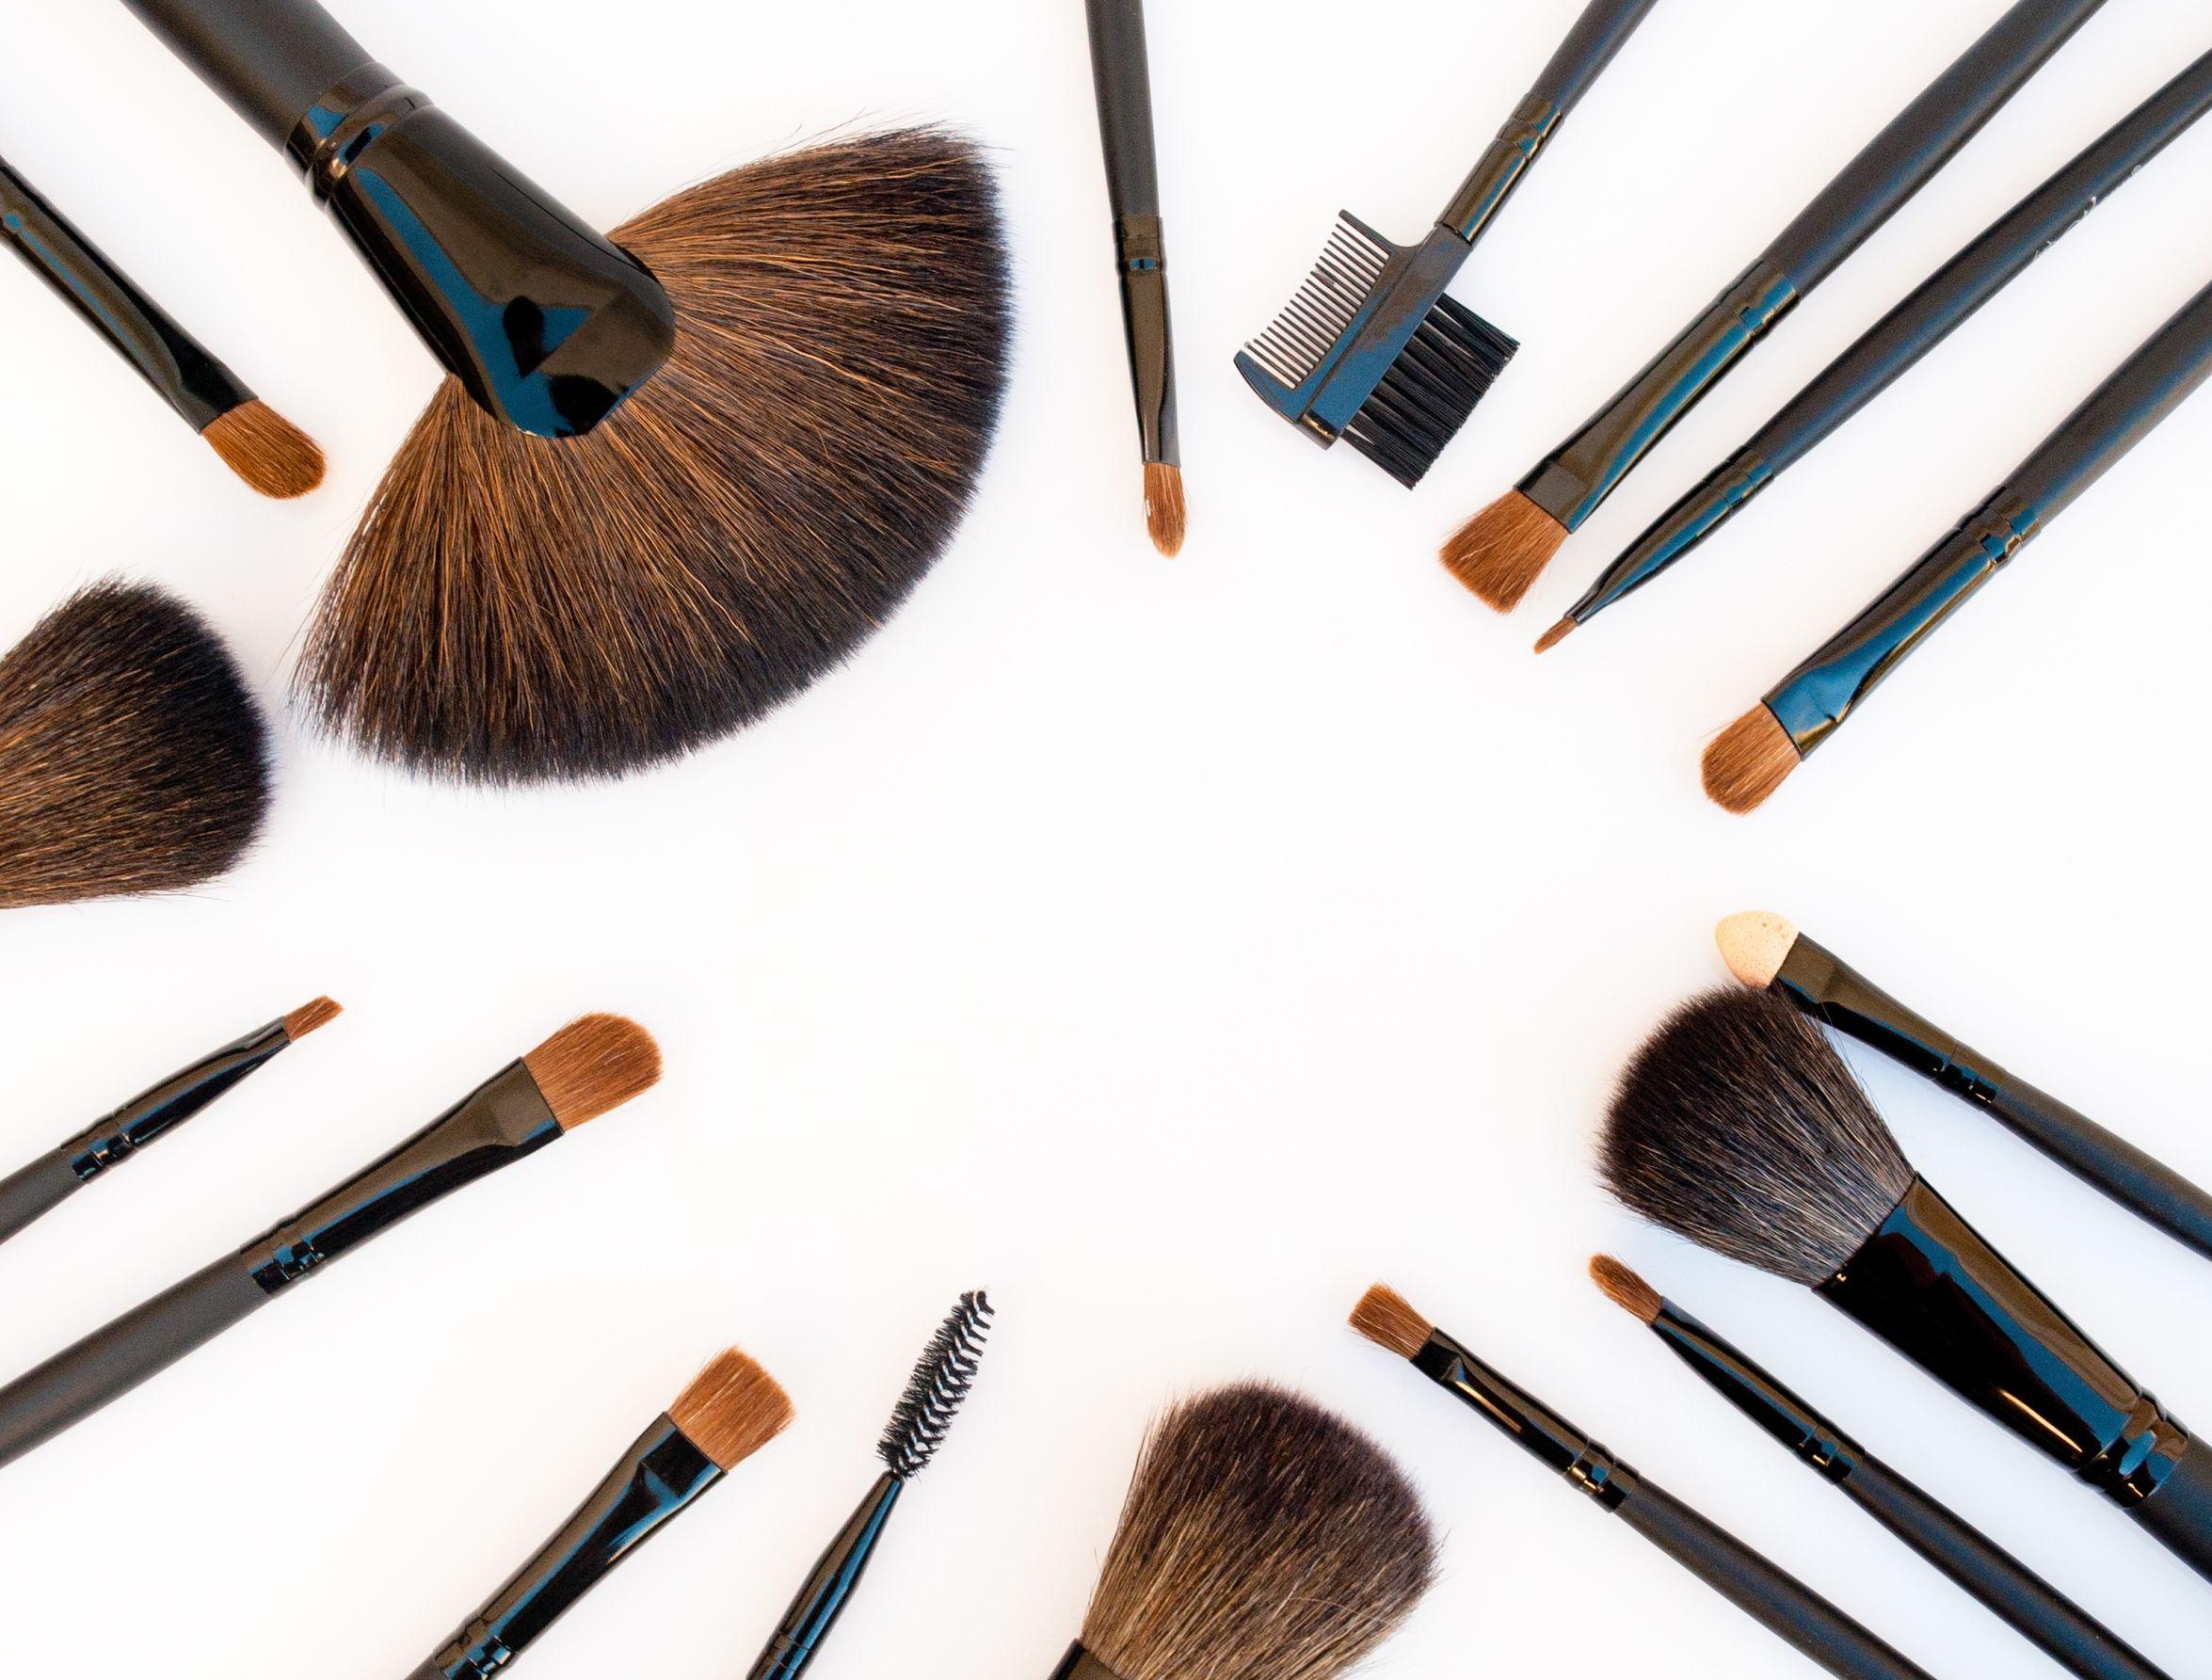 Foto de vários pinceis de maquiagem juntos, todos com cabo preto. Entre eles, o pincel leque.